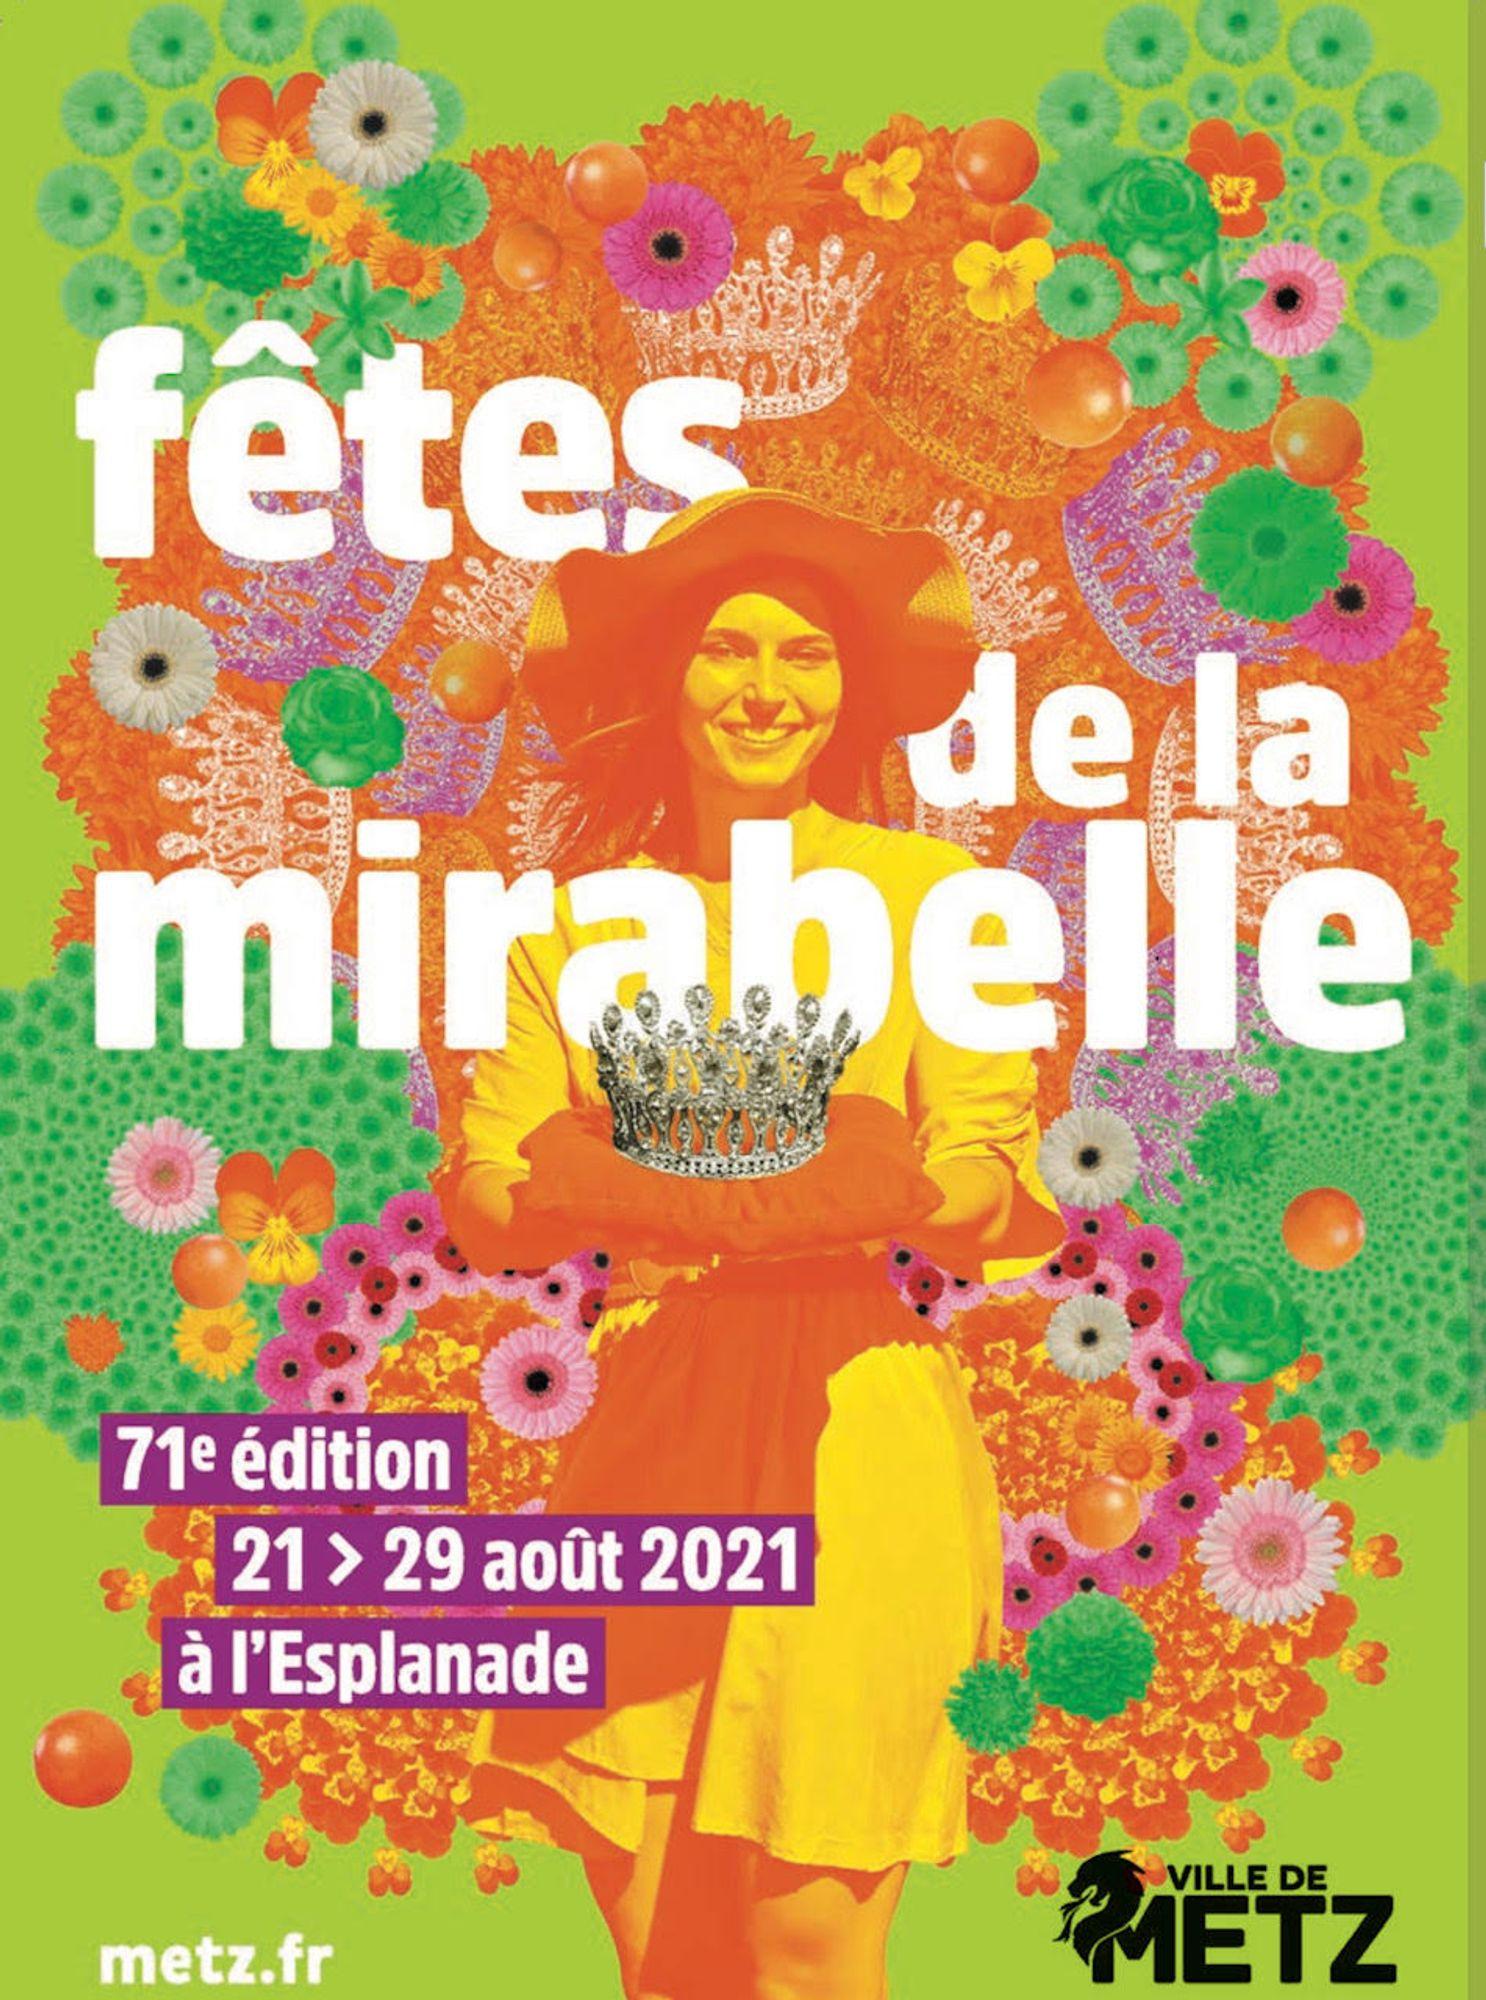 Les fêtes de la Mirabelle édition 2021